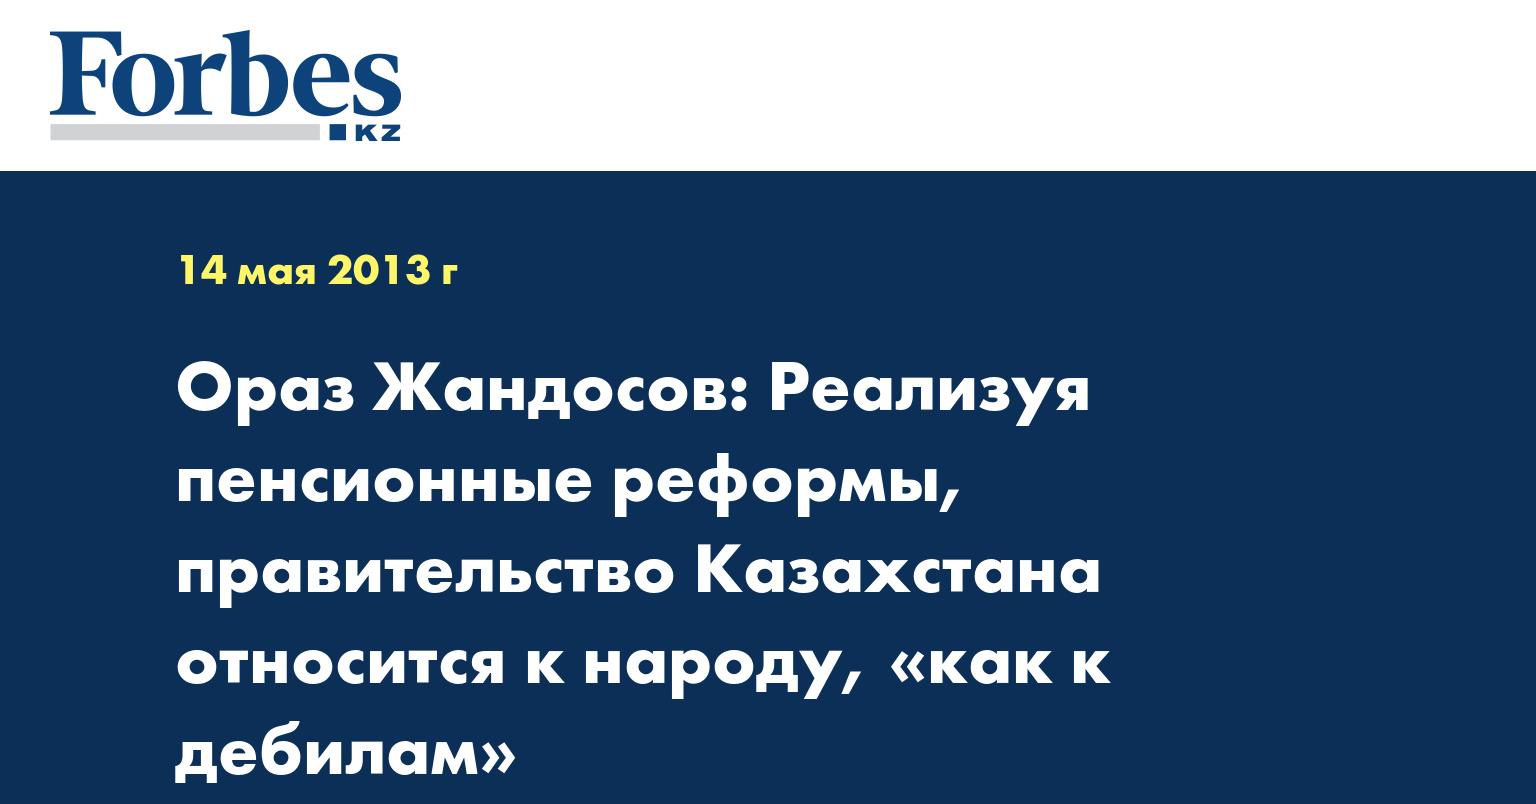 Ораз Жандосов: Реализуя пенсионные реформы, правительство Казахстана относится к народу, «как к дебилам»